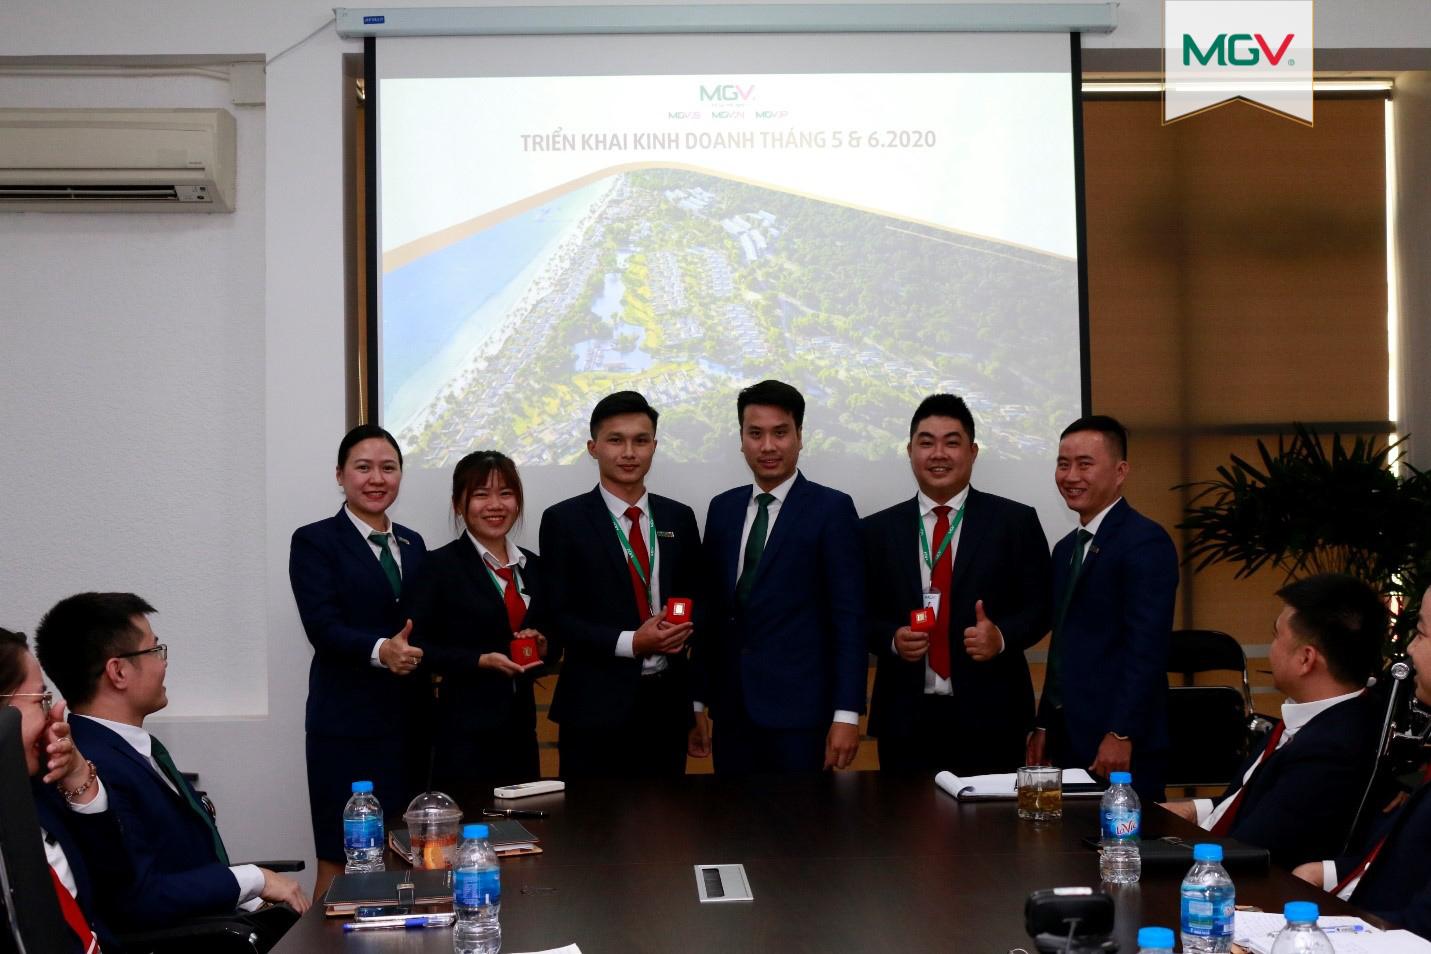 Giải thưởng nhân viên kinh doanh hoàn thành nhiệm vụ (4-5-2020)